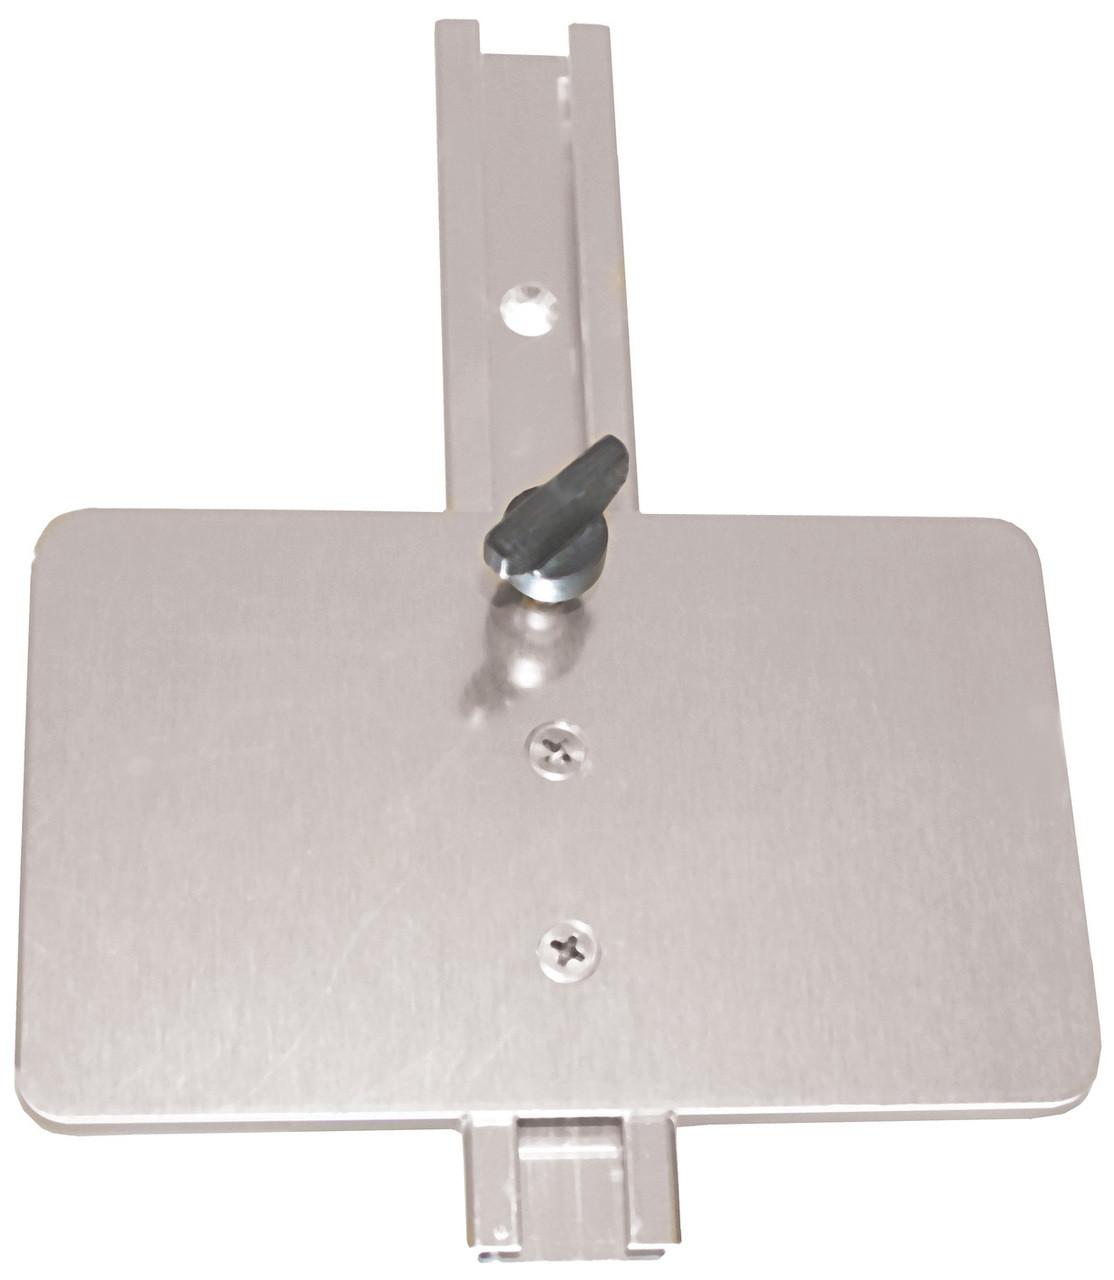 Transducer Bracket Flat Large